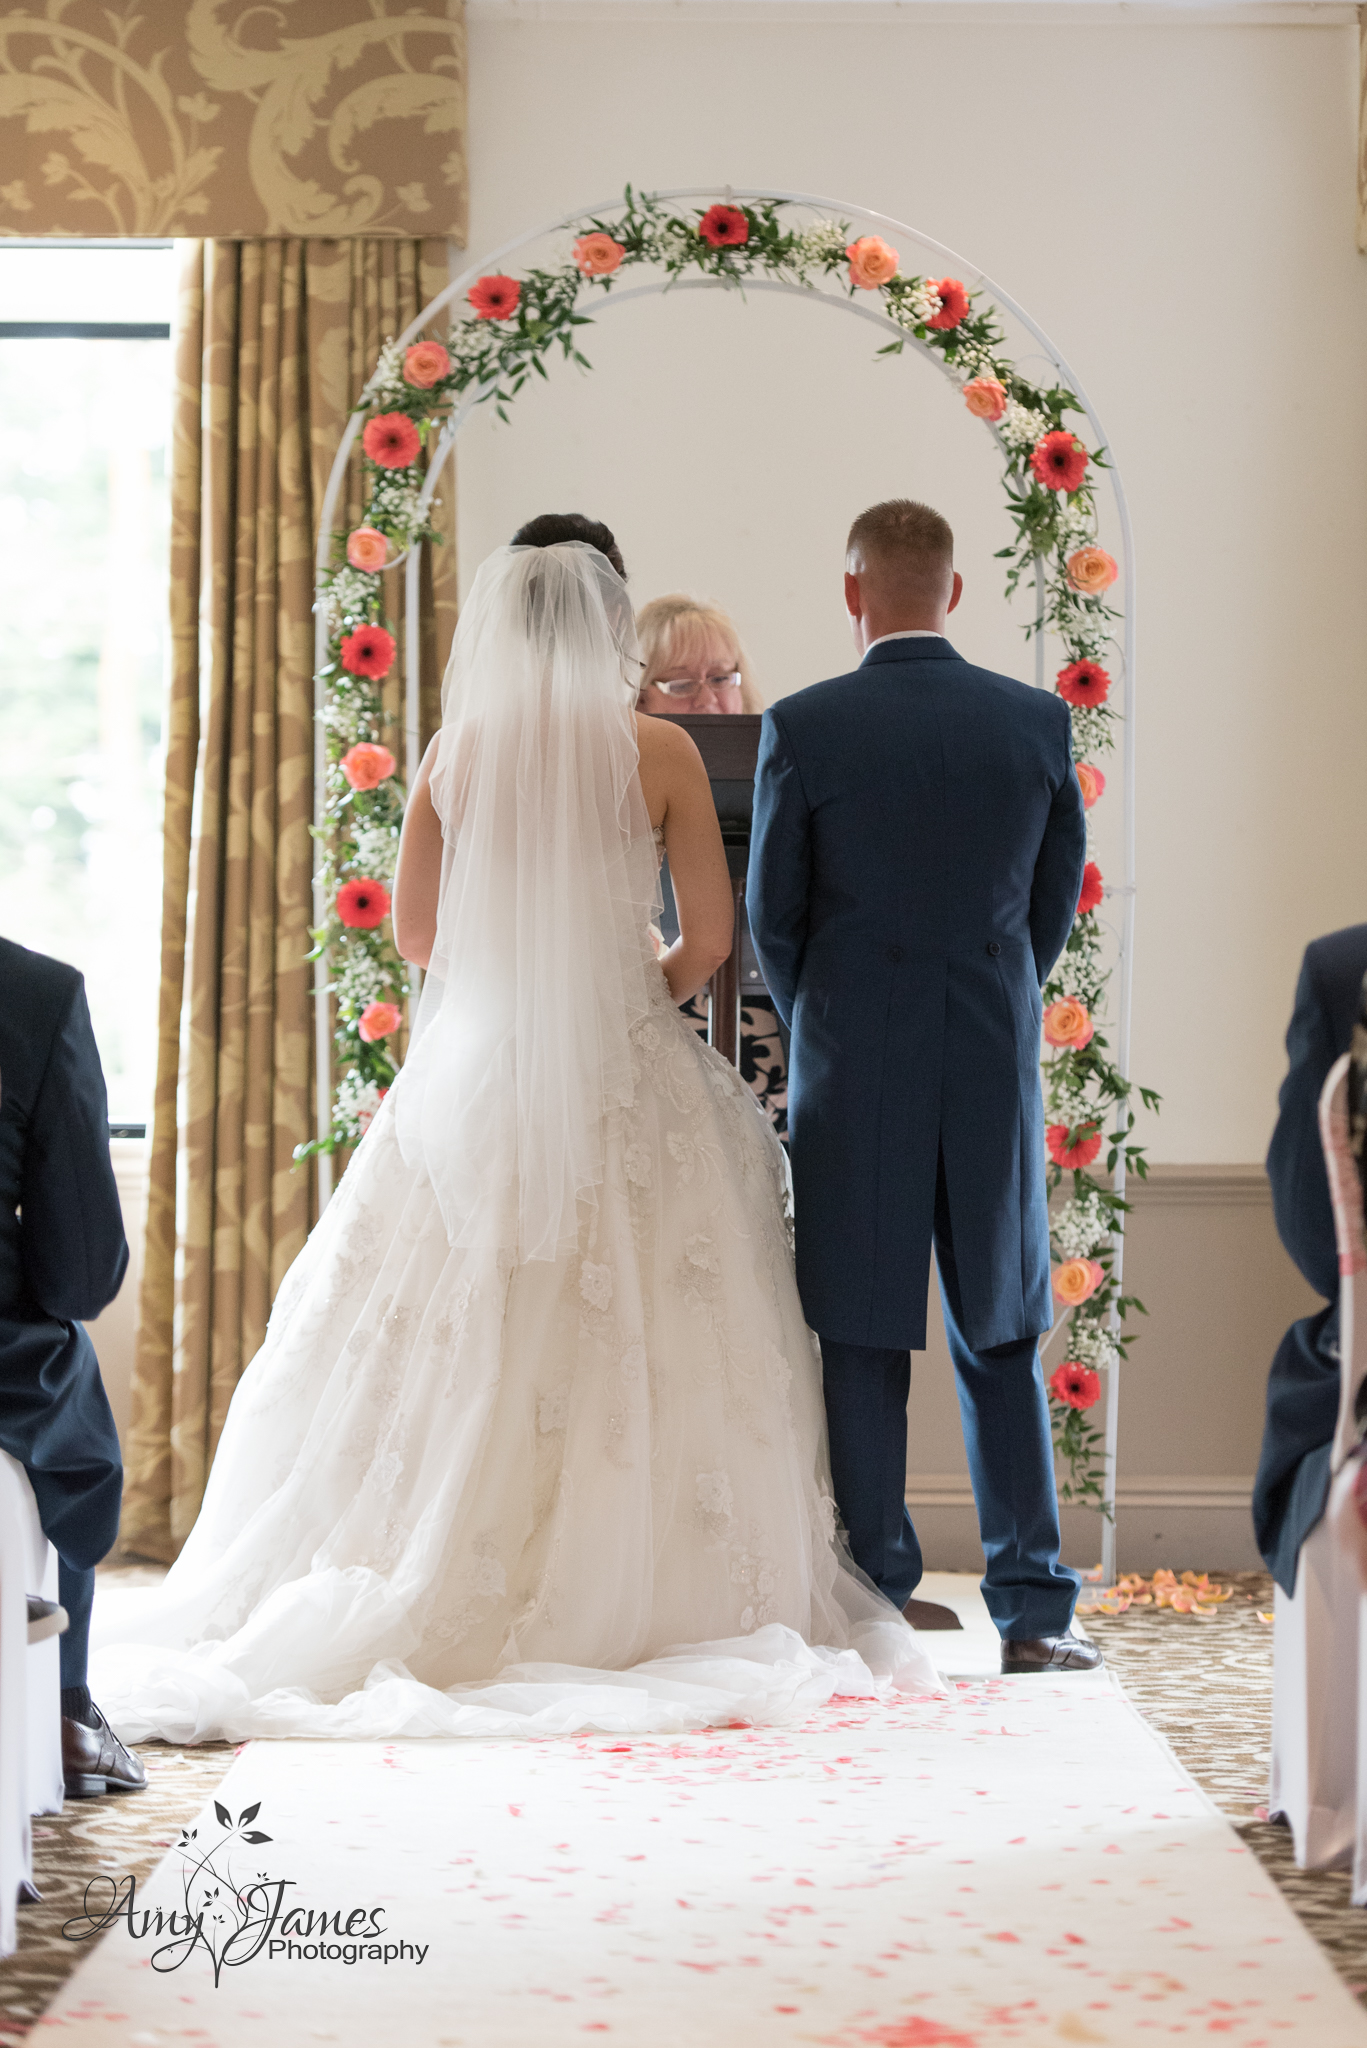 Hampshire wedding photographer // Fleet wedding photographer